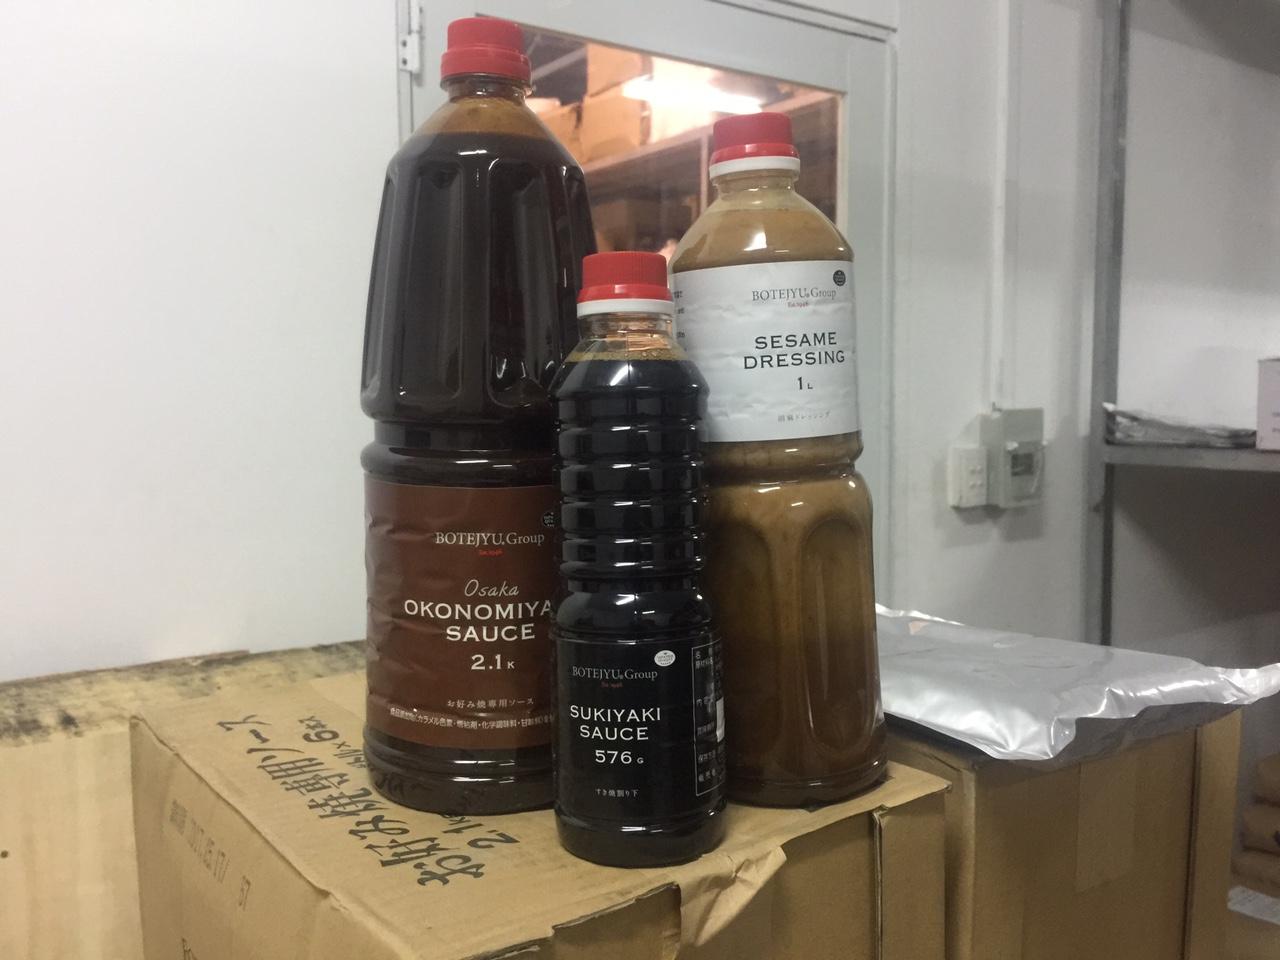 tiêu huỷ lô hàng thực phẩm hết hạn - nước sốt hết hạn